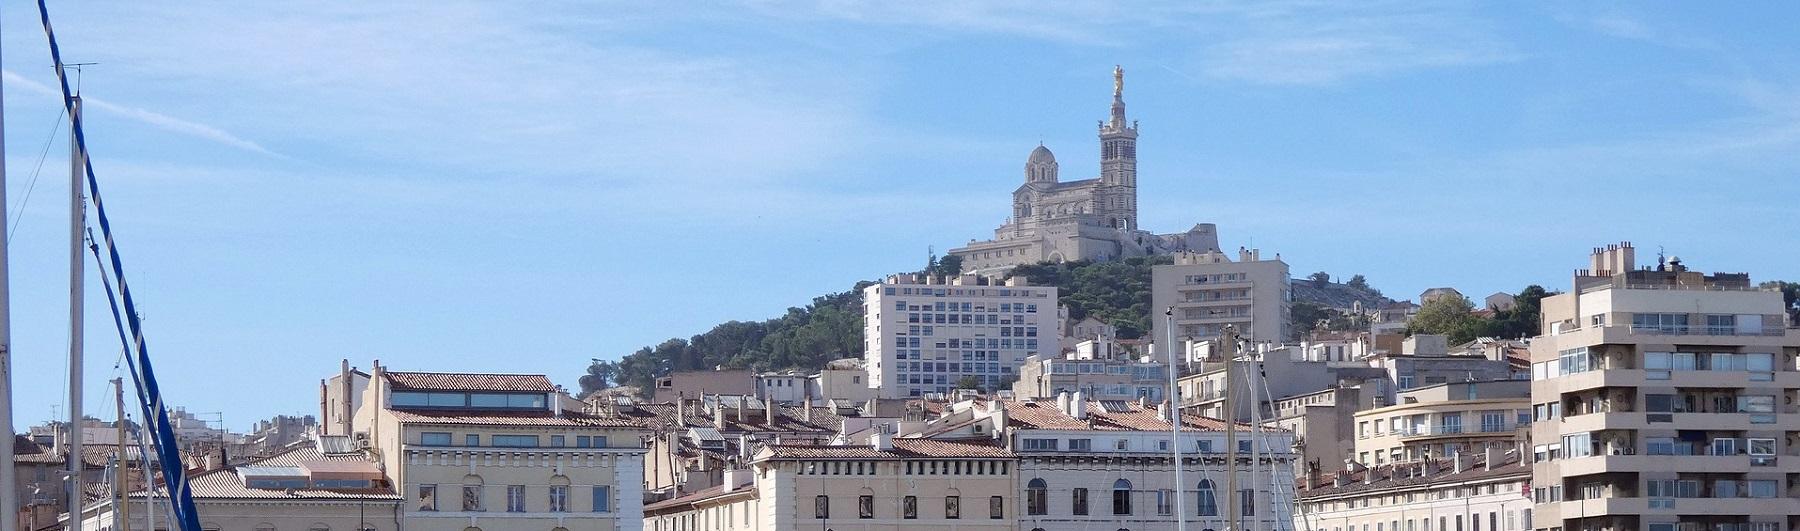 Un littoral piéton éphémère à Marseille